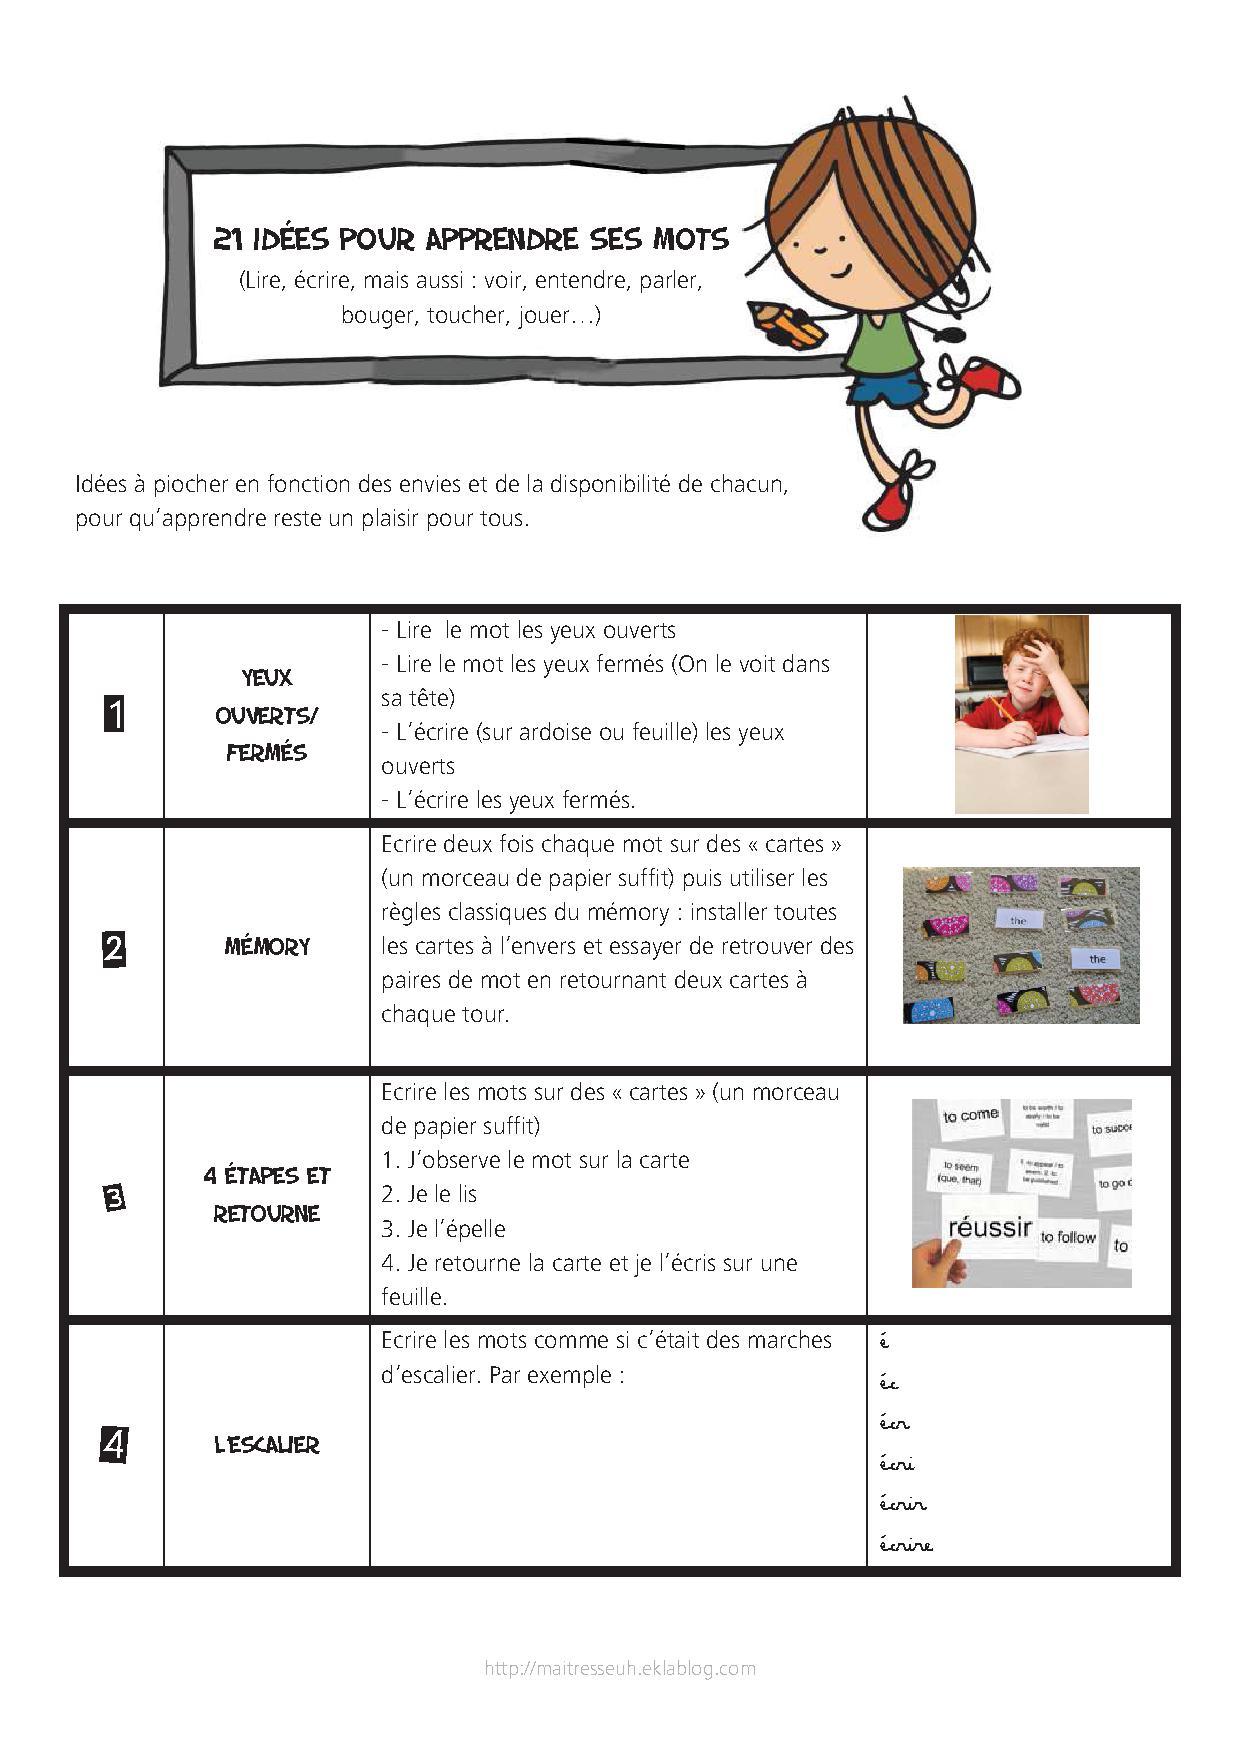 Comment Qu Est Ce Que J Apprends : comment, apprends, Aider, élèves, Apprendre, Leurs, Idées, Maitresseuh